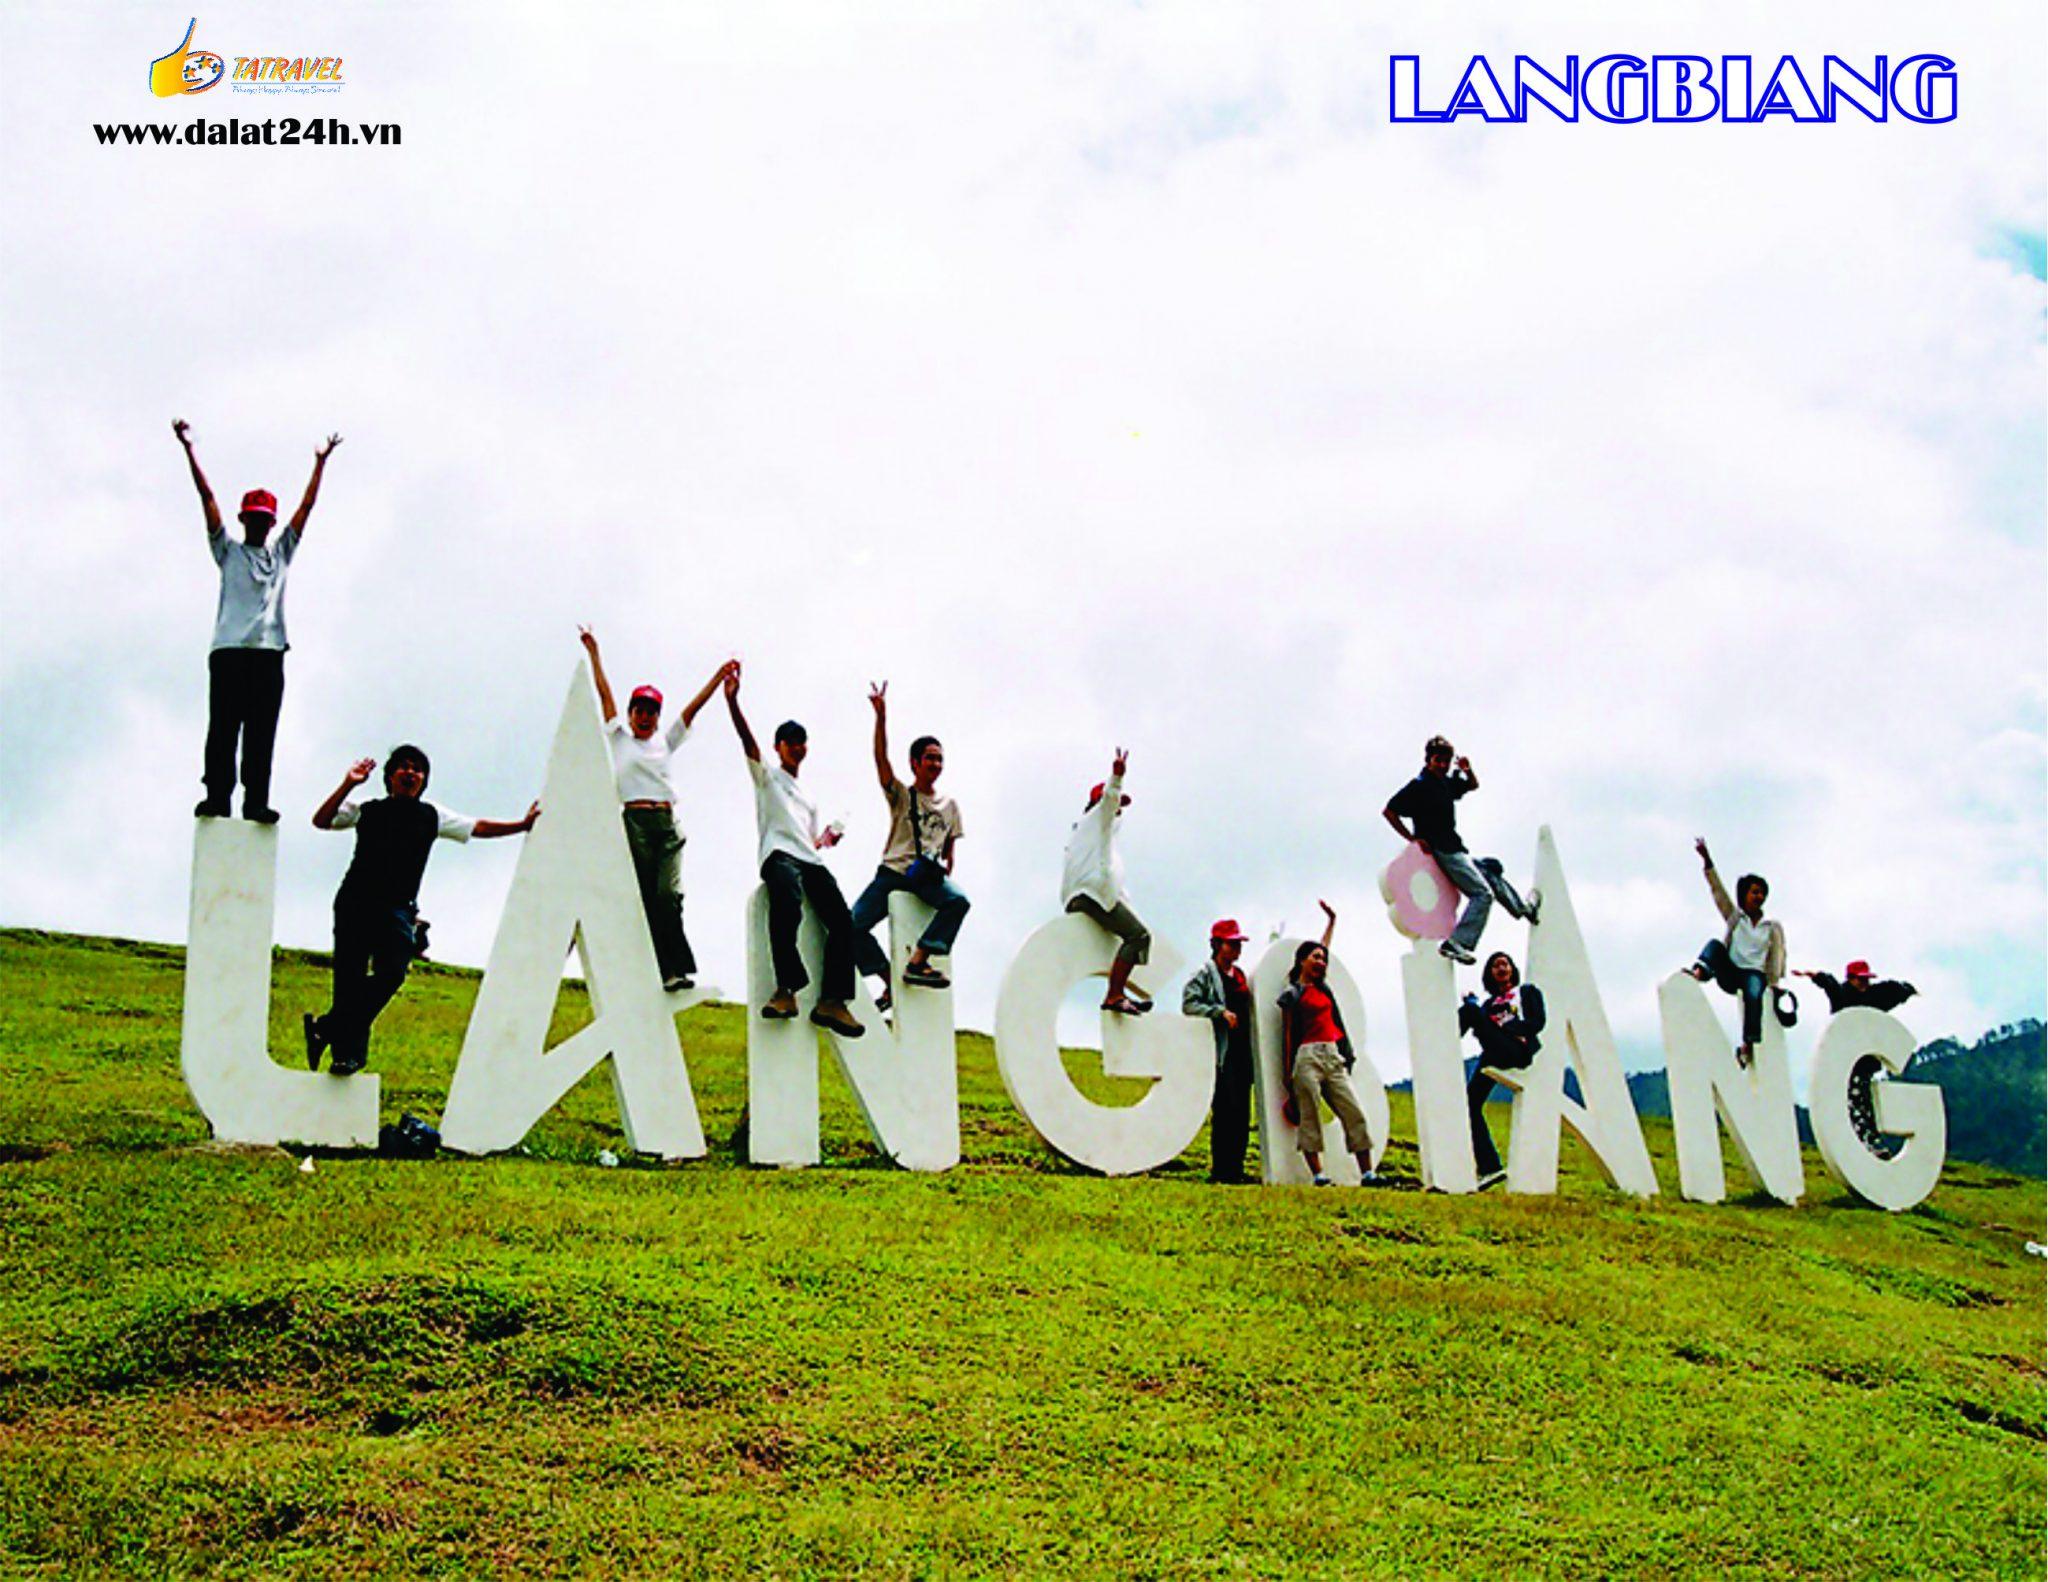 Langbiang Đà Lạt - Du lịch Đà Lạt tháng 1- datphongdalat.vn-06